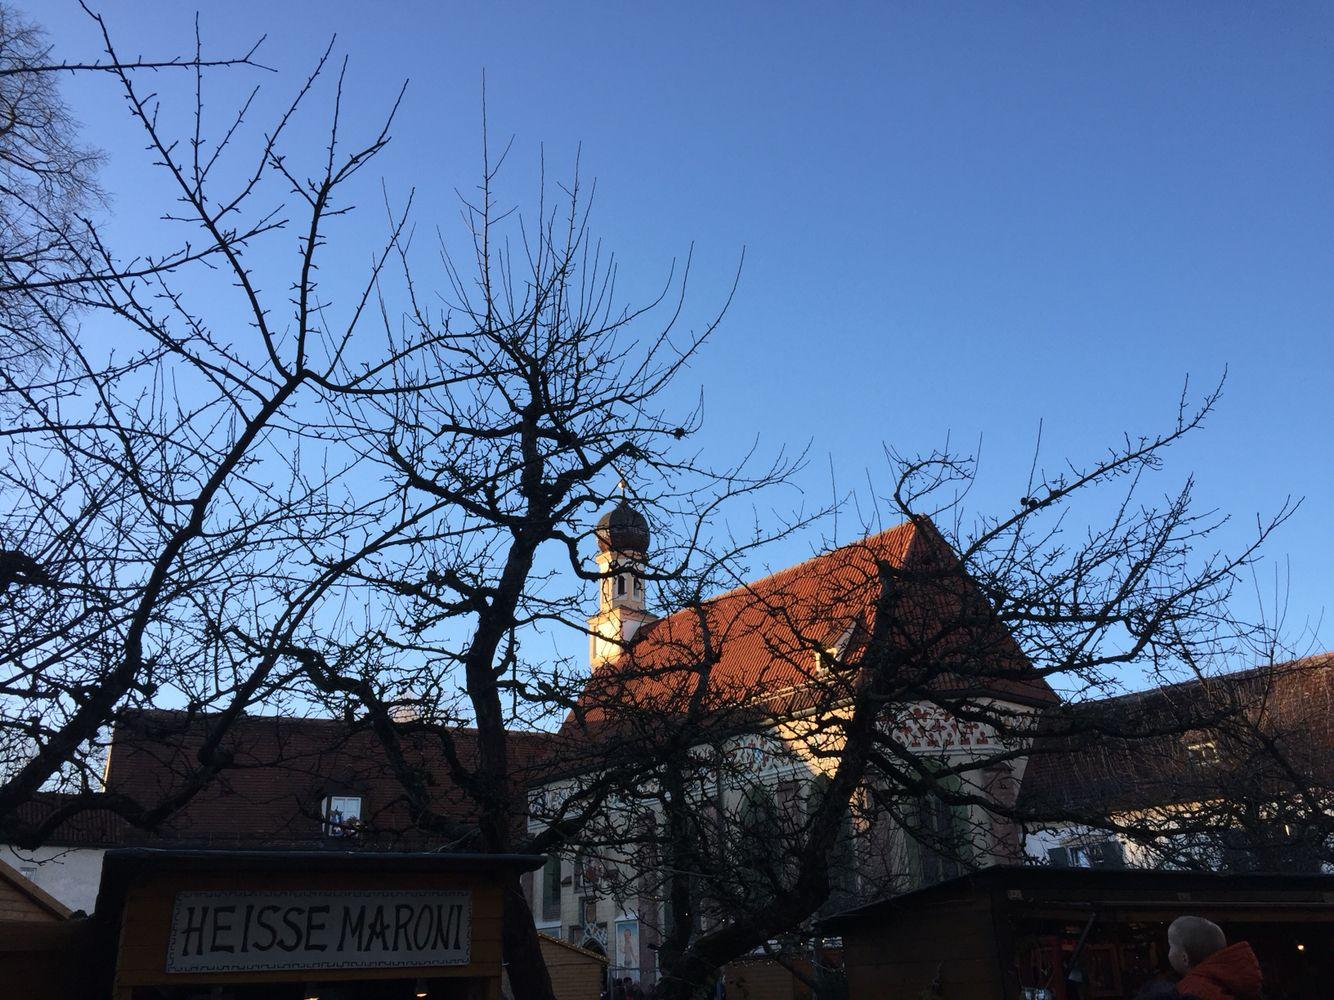 Blutenburg München Obermenzing